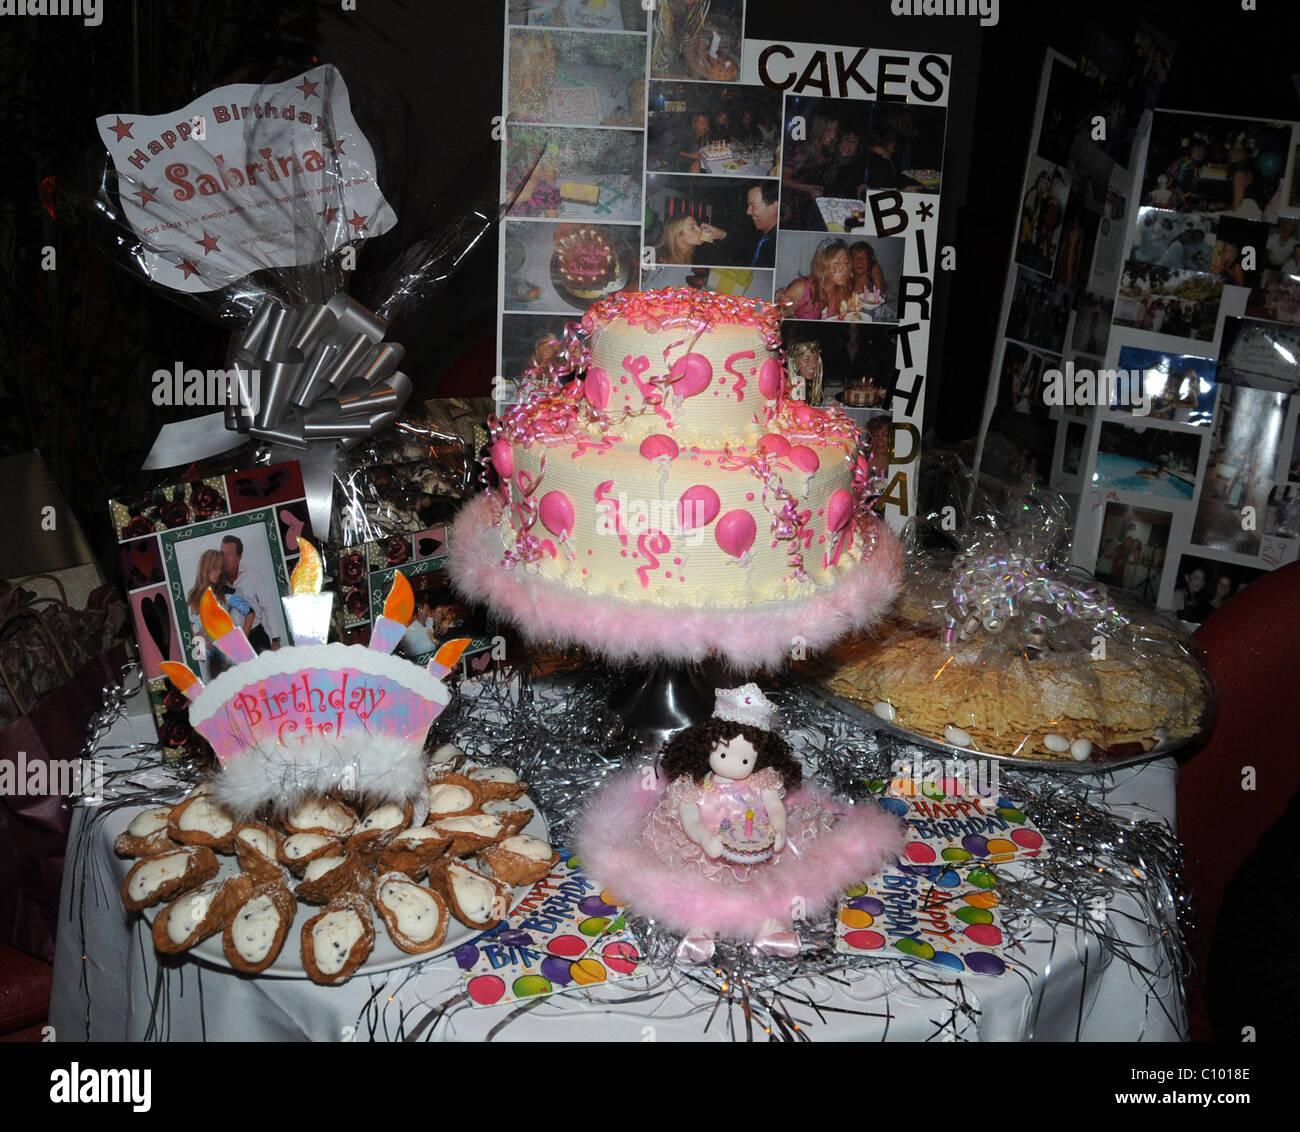 Atmosphere Birthday Cake At Socialite Sambrina Tamburino